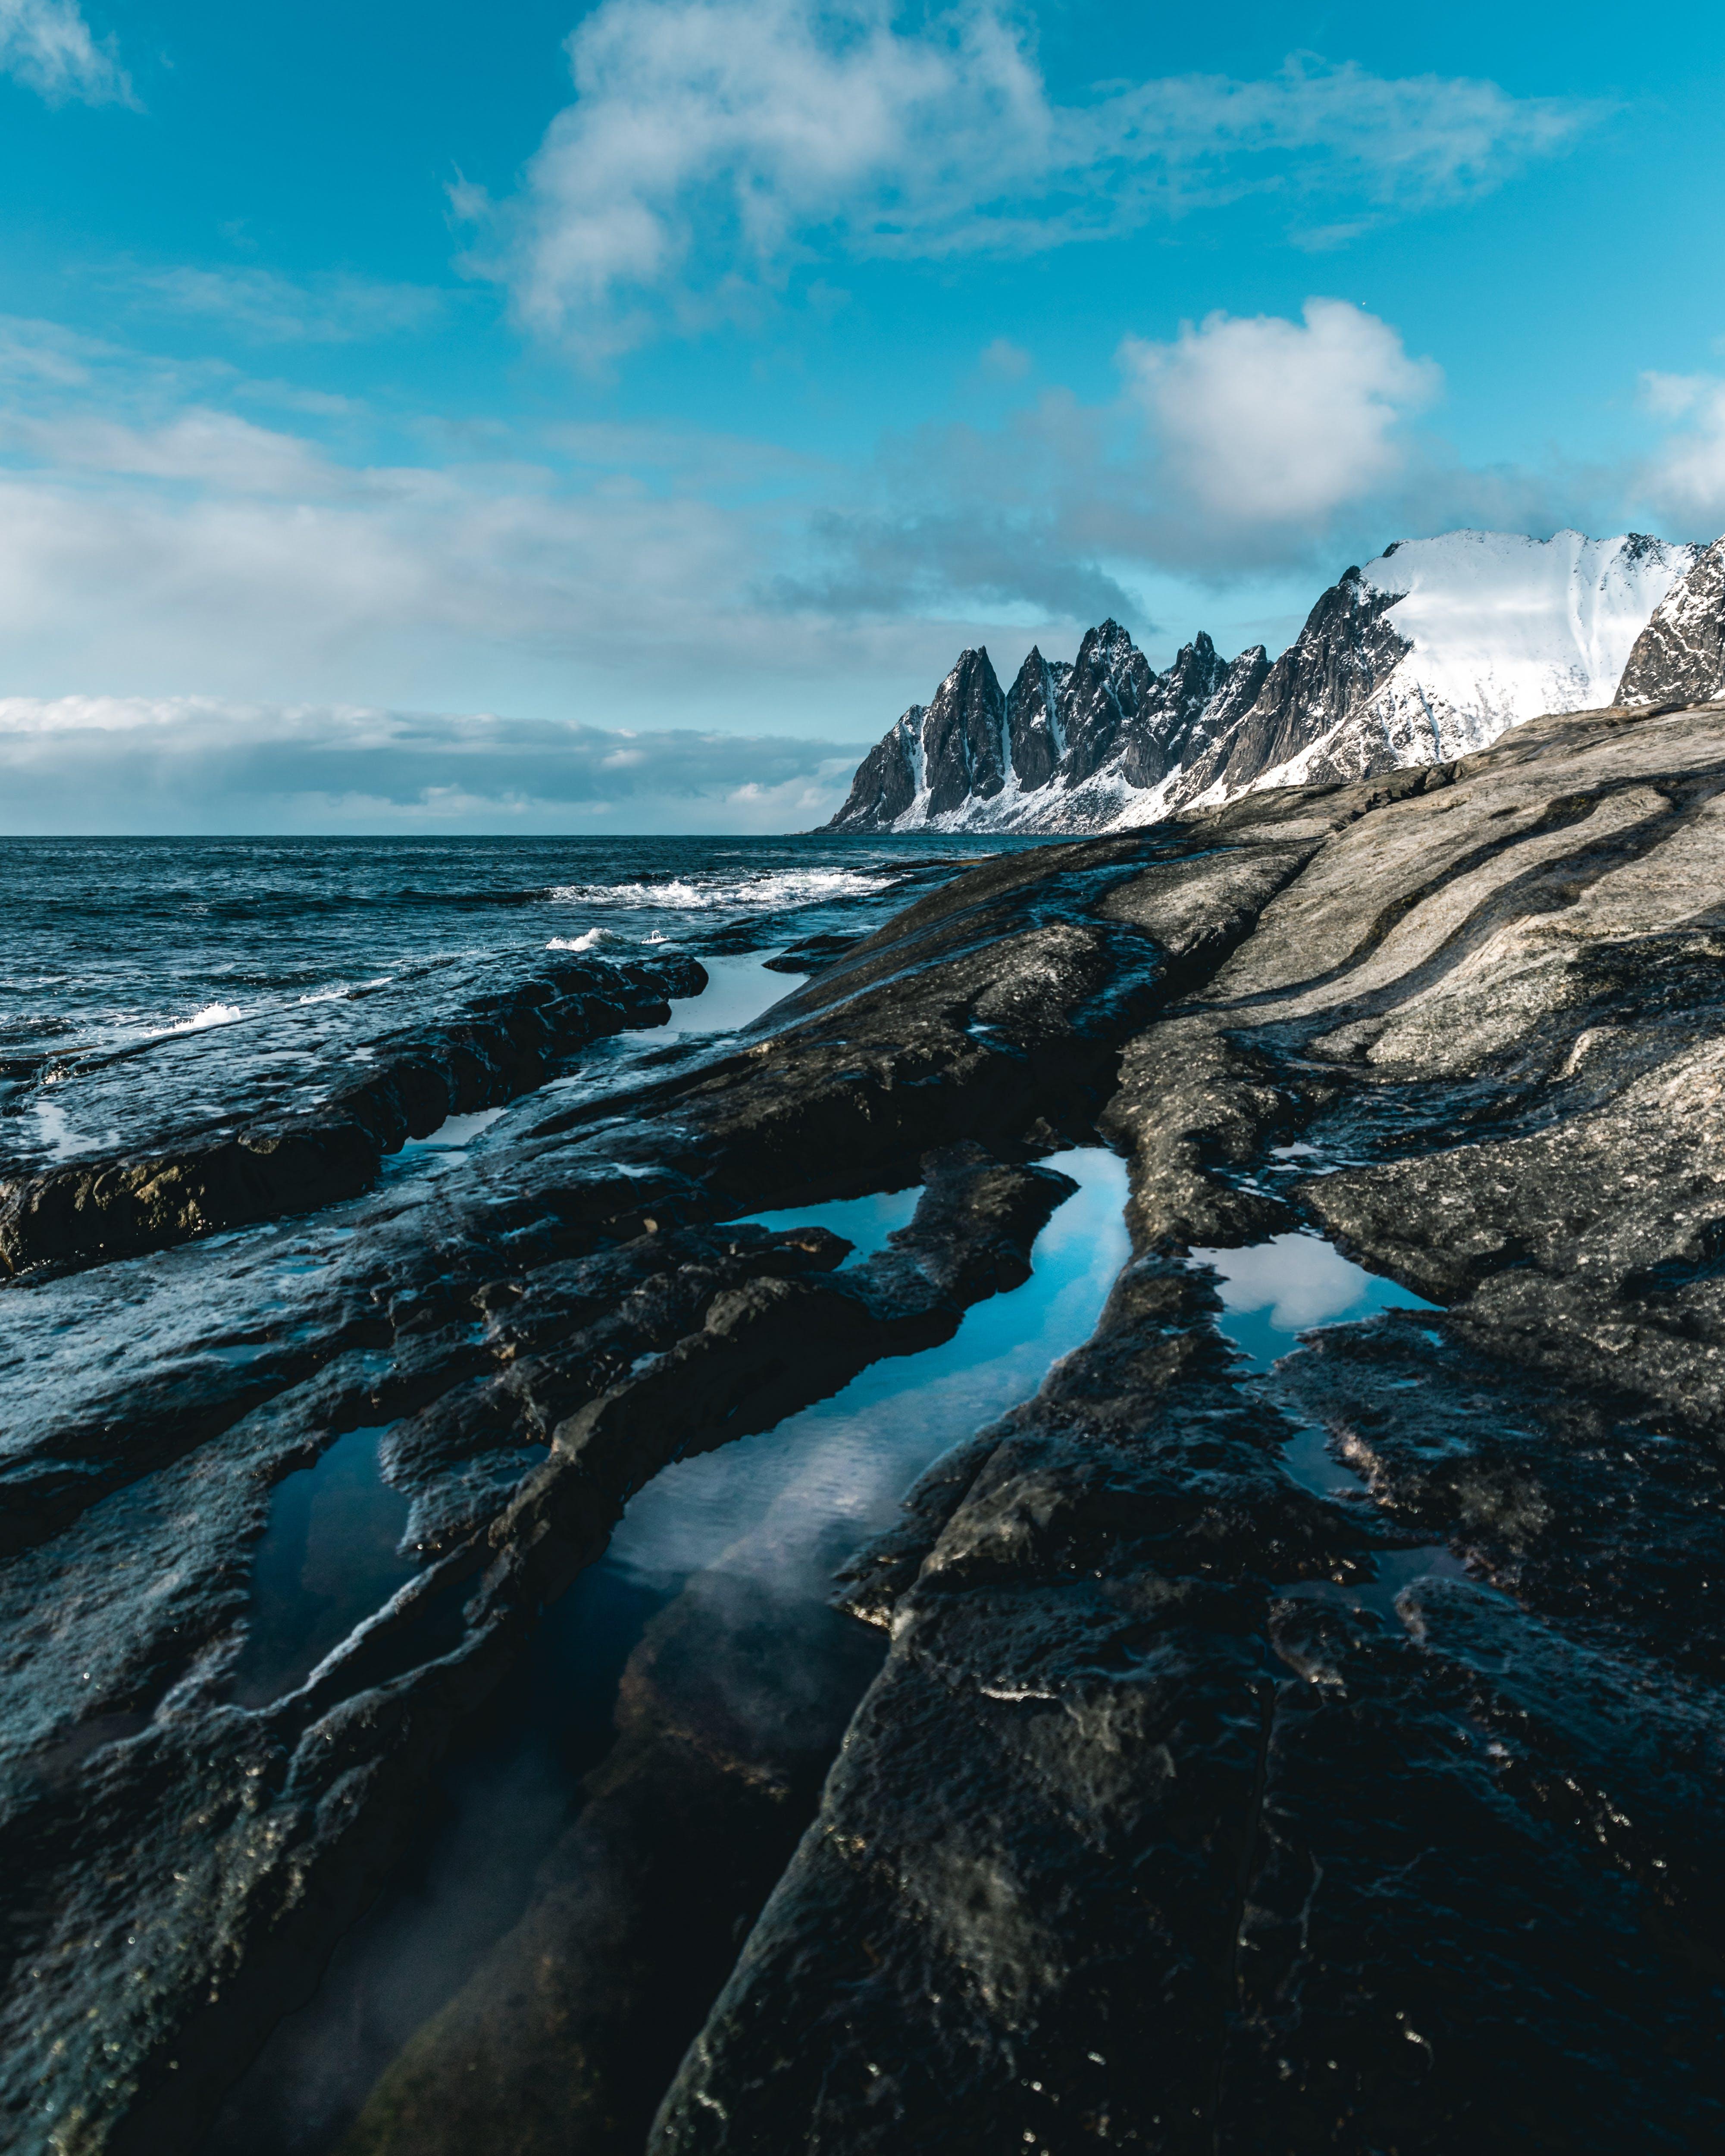 açık hava, bulutlar, buz, buz dağı içeren Ücretsiz stok fotoğraf